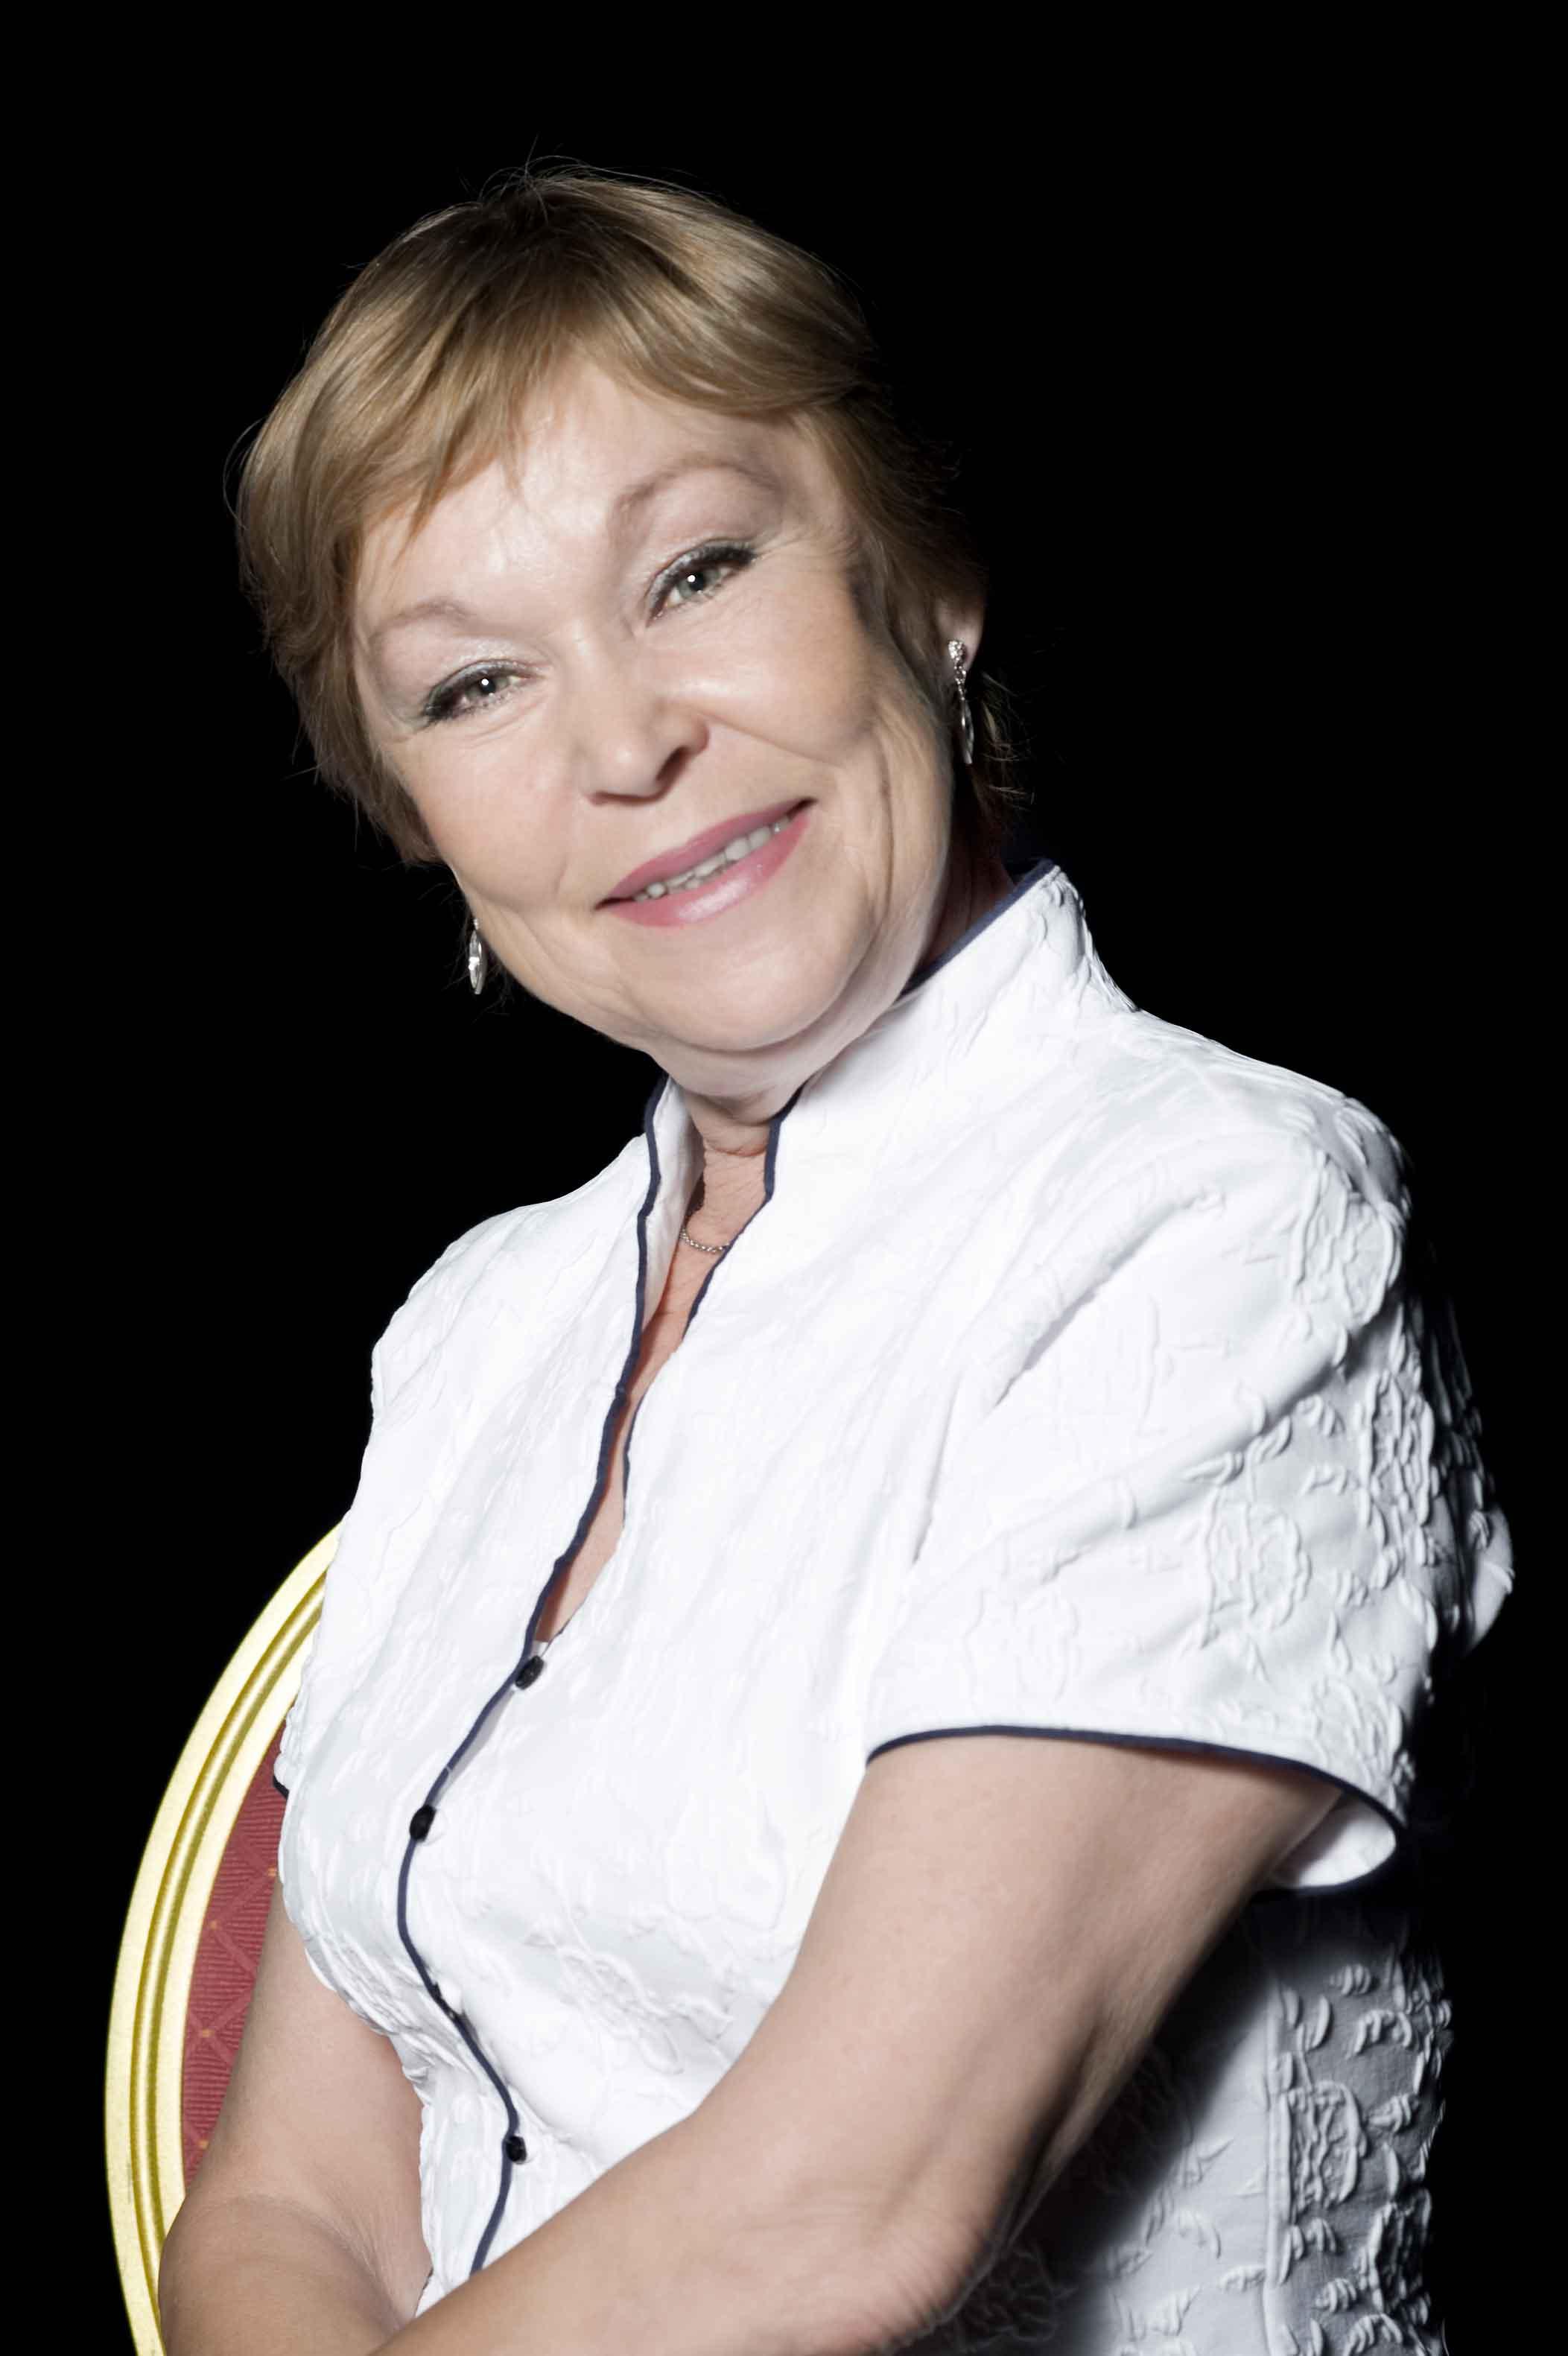 Valentina Lettova